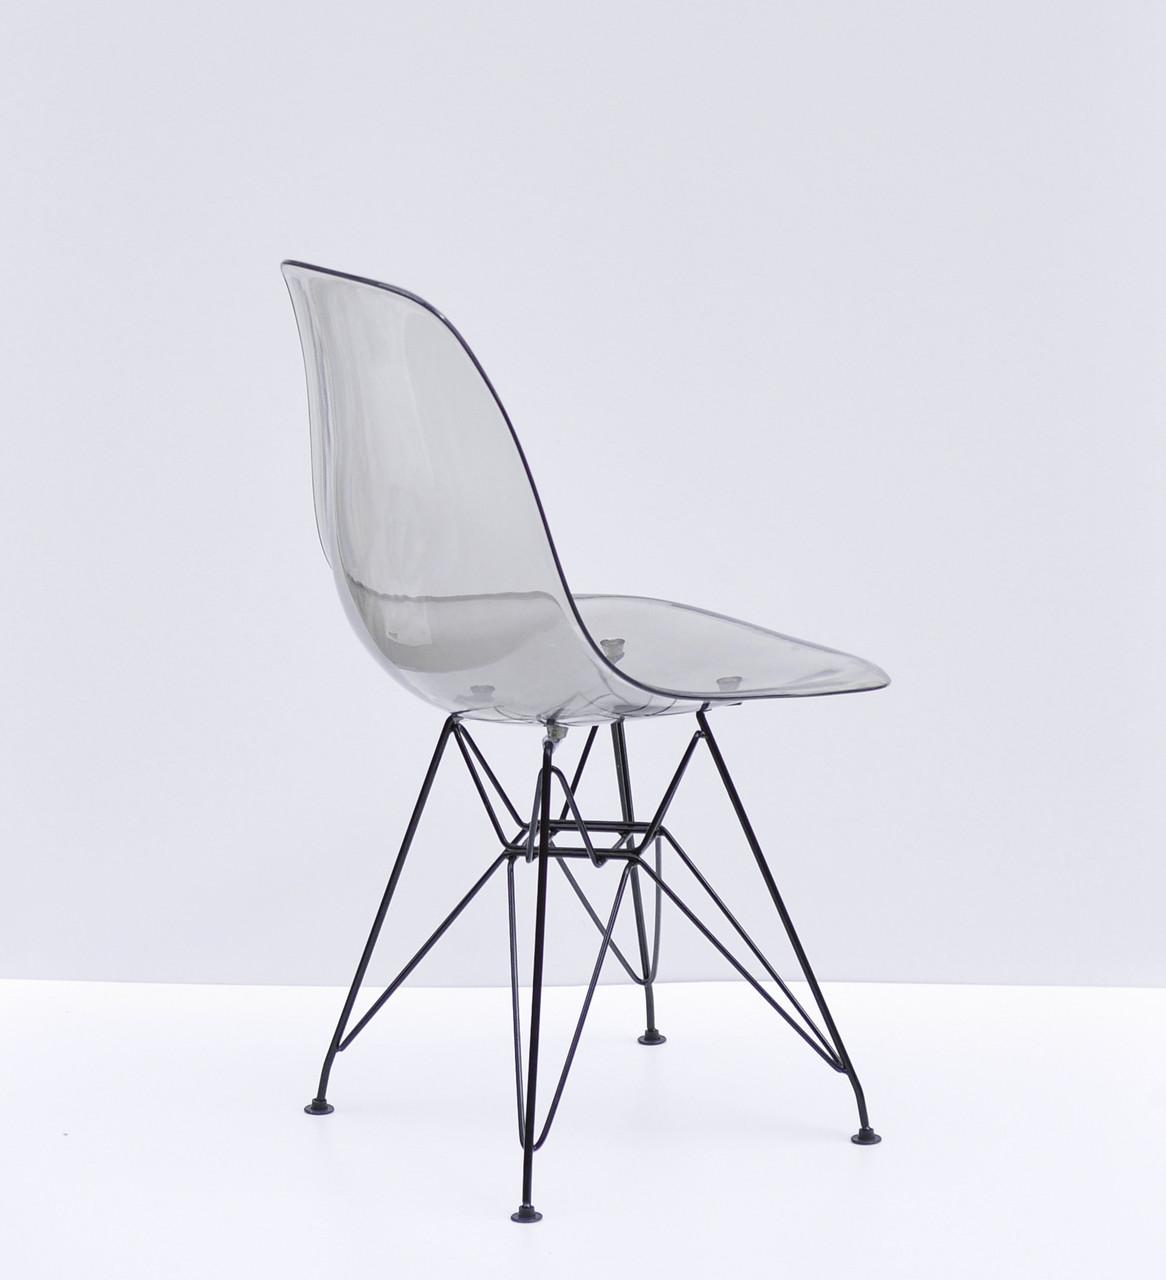 Пластиковый стул дымчатый на металлических ножках черного цвета Nik BK-ML